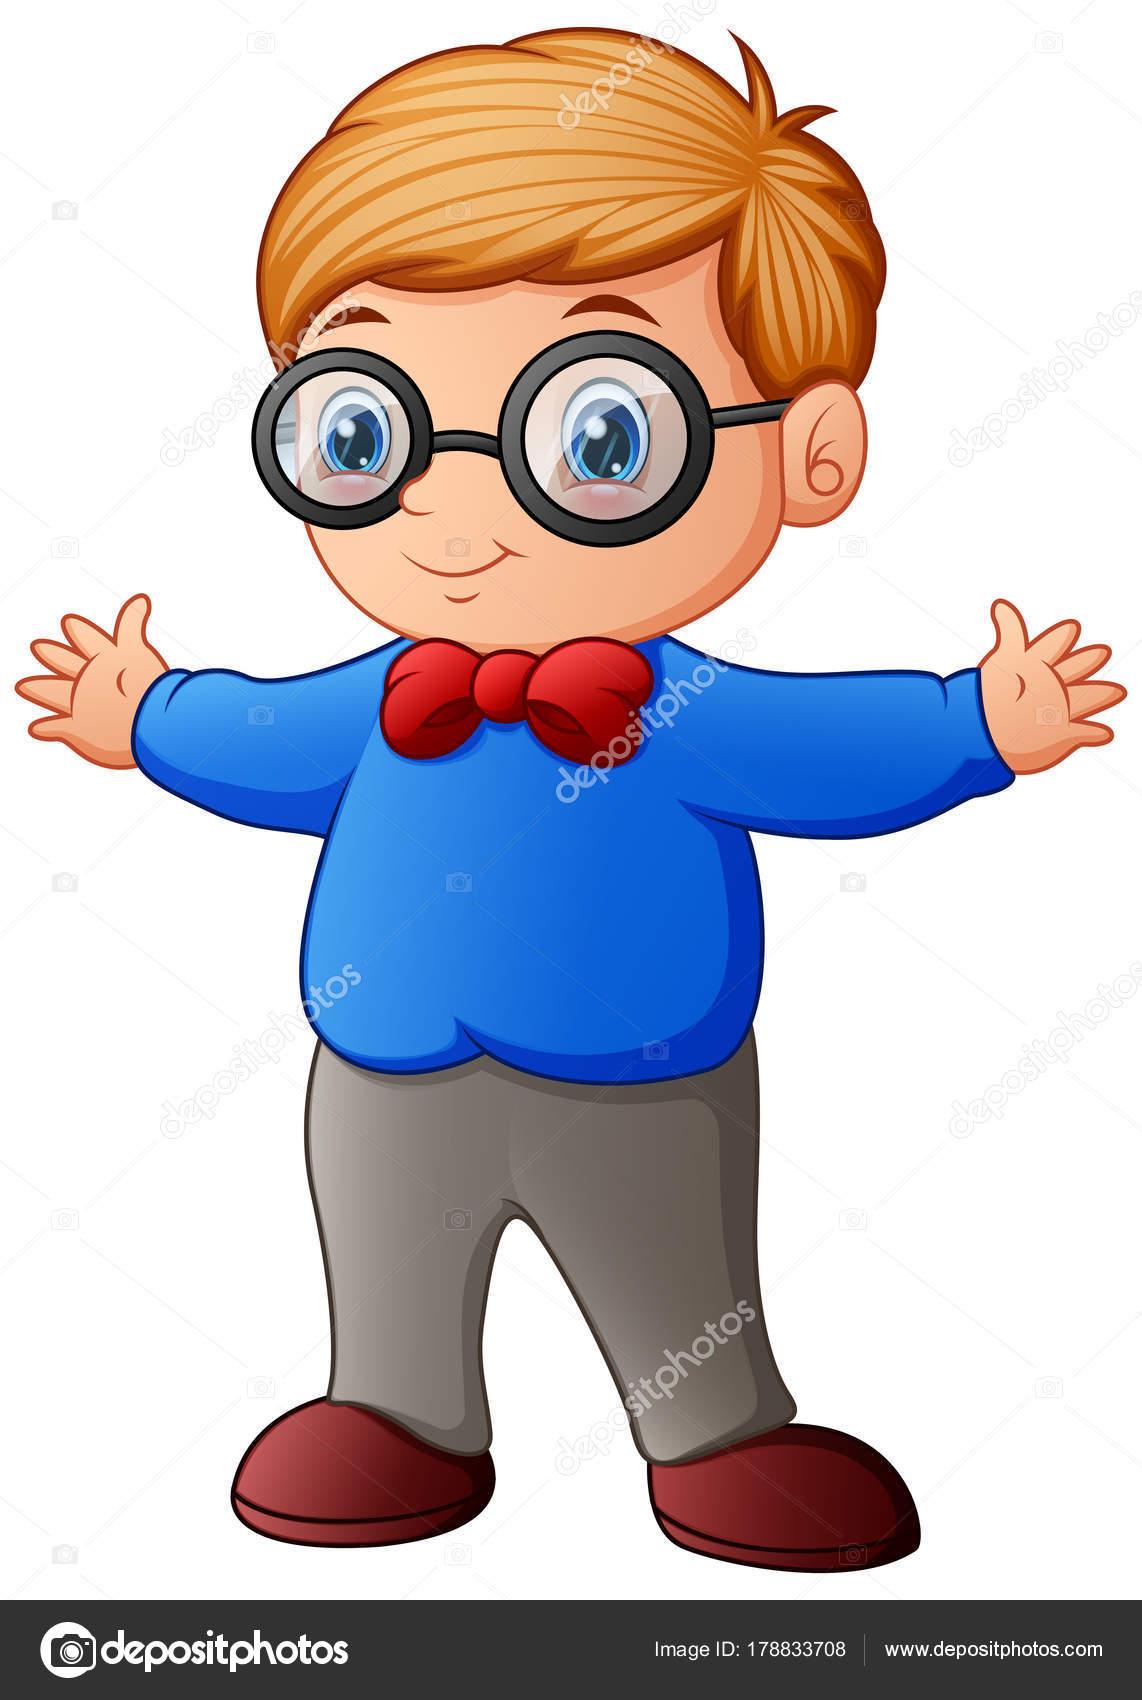 930dd6b6b2 Ilustración Vector Lindo Niño Camiseta Azul Gafas — Archivo Imágenes  Vectoriales